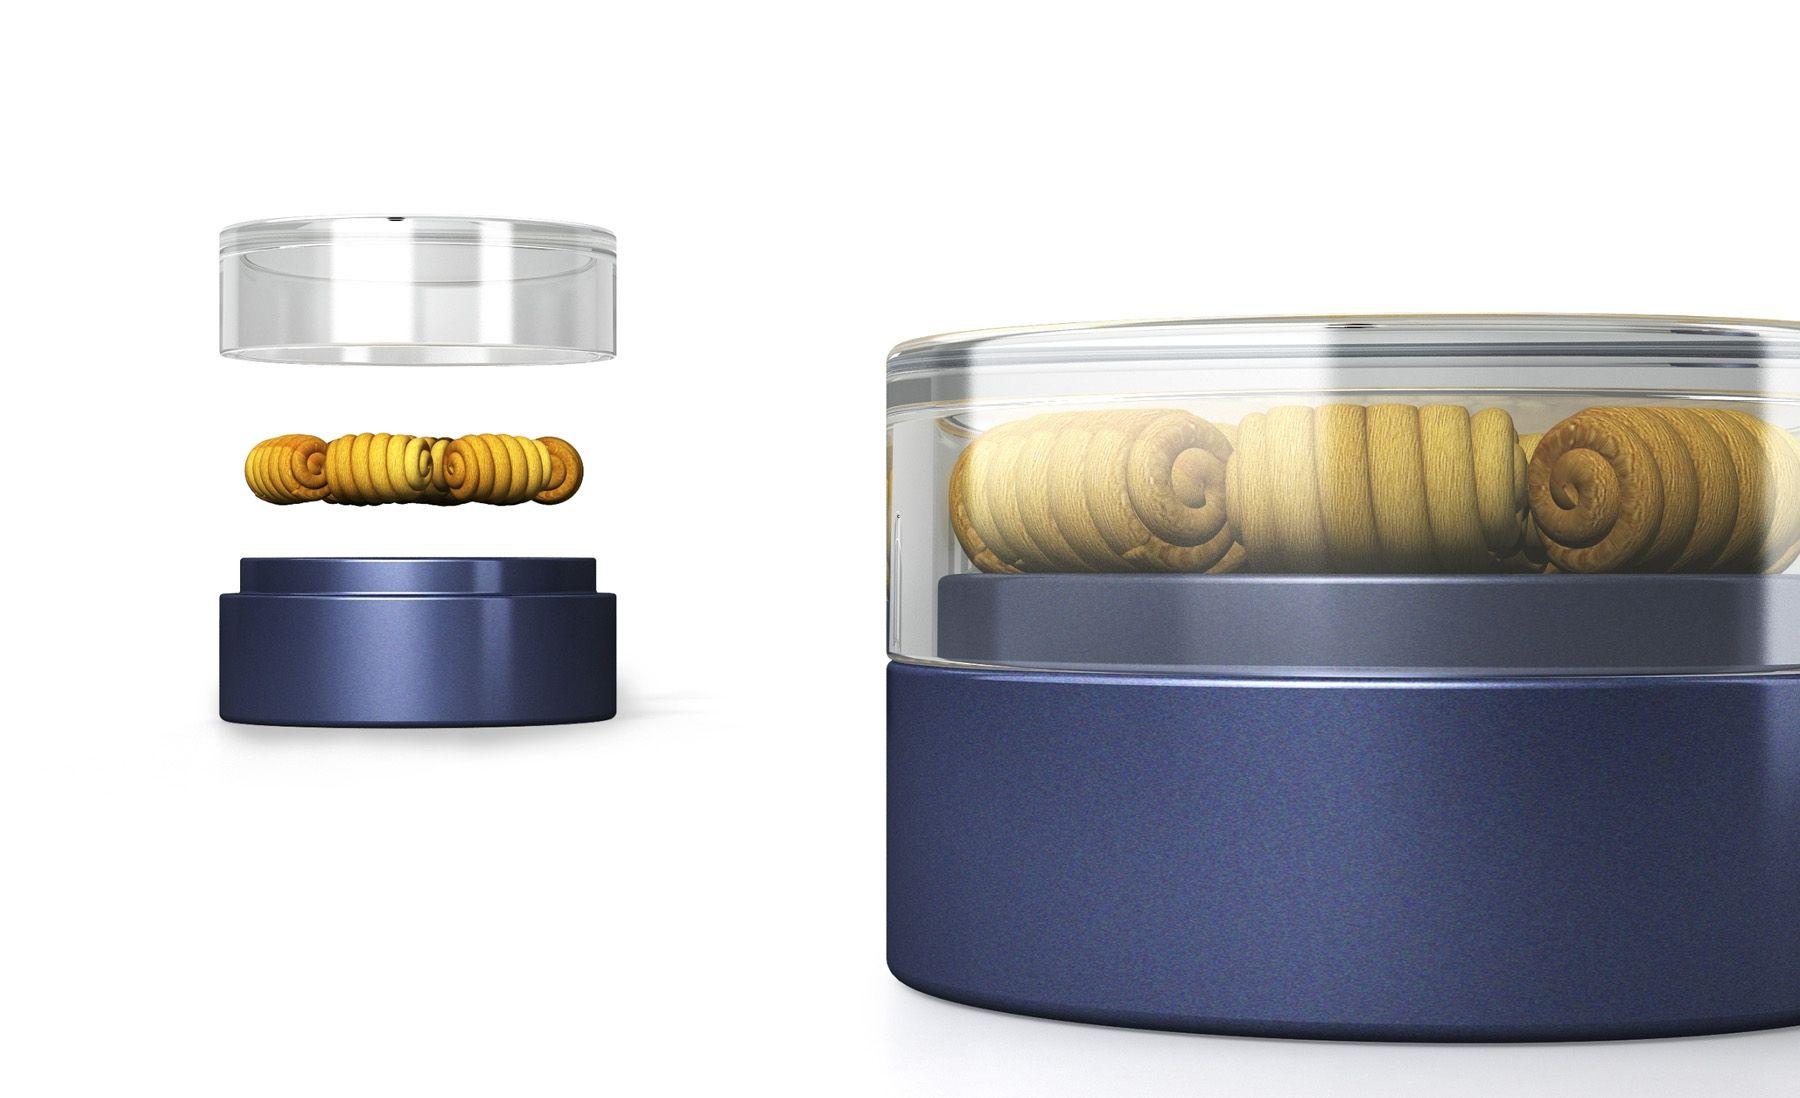 智圆行方x斛元元霍山石斛包装设计|来自大自然的宜生 飞特网 食品包装设计